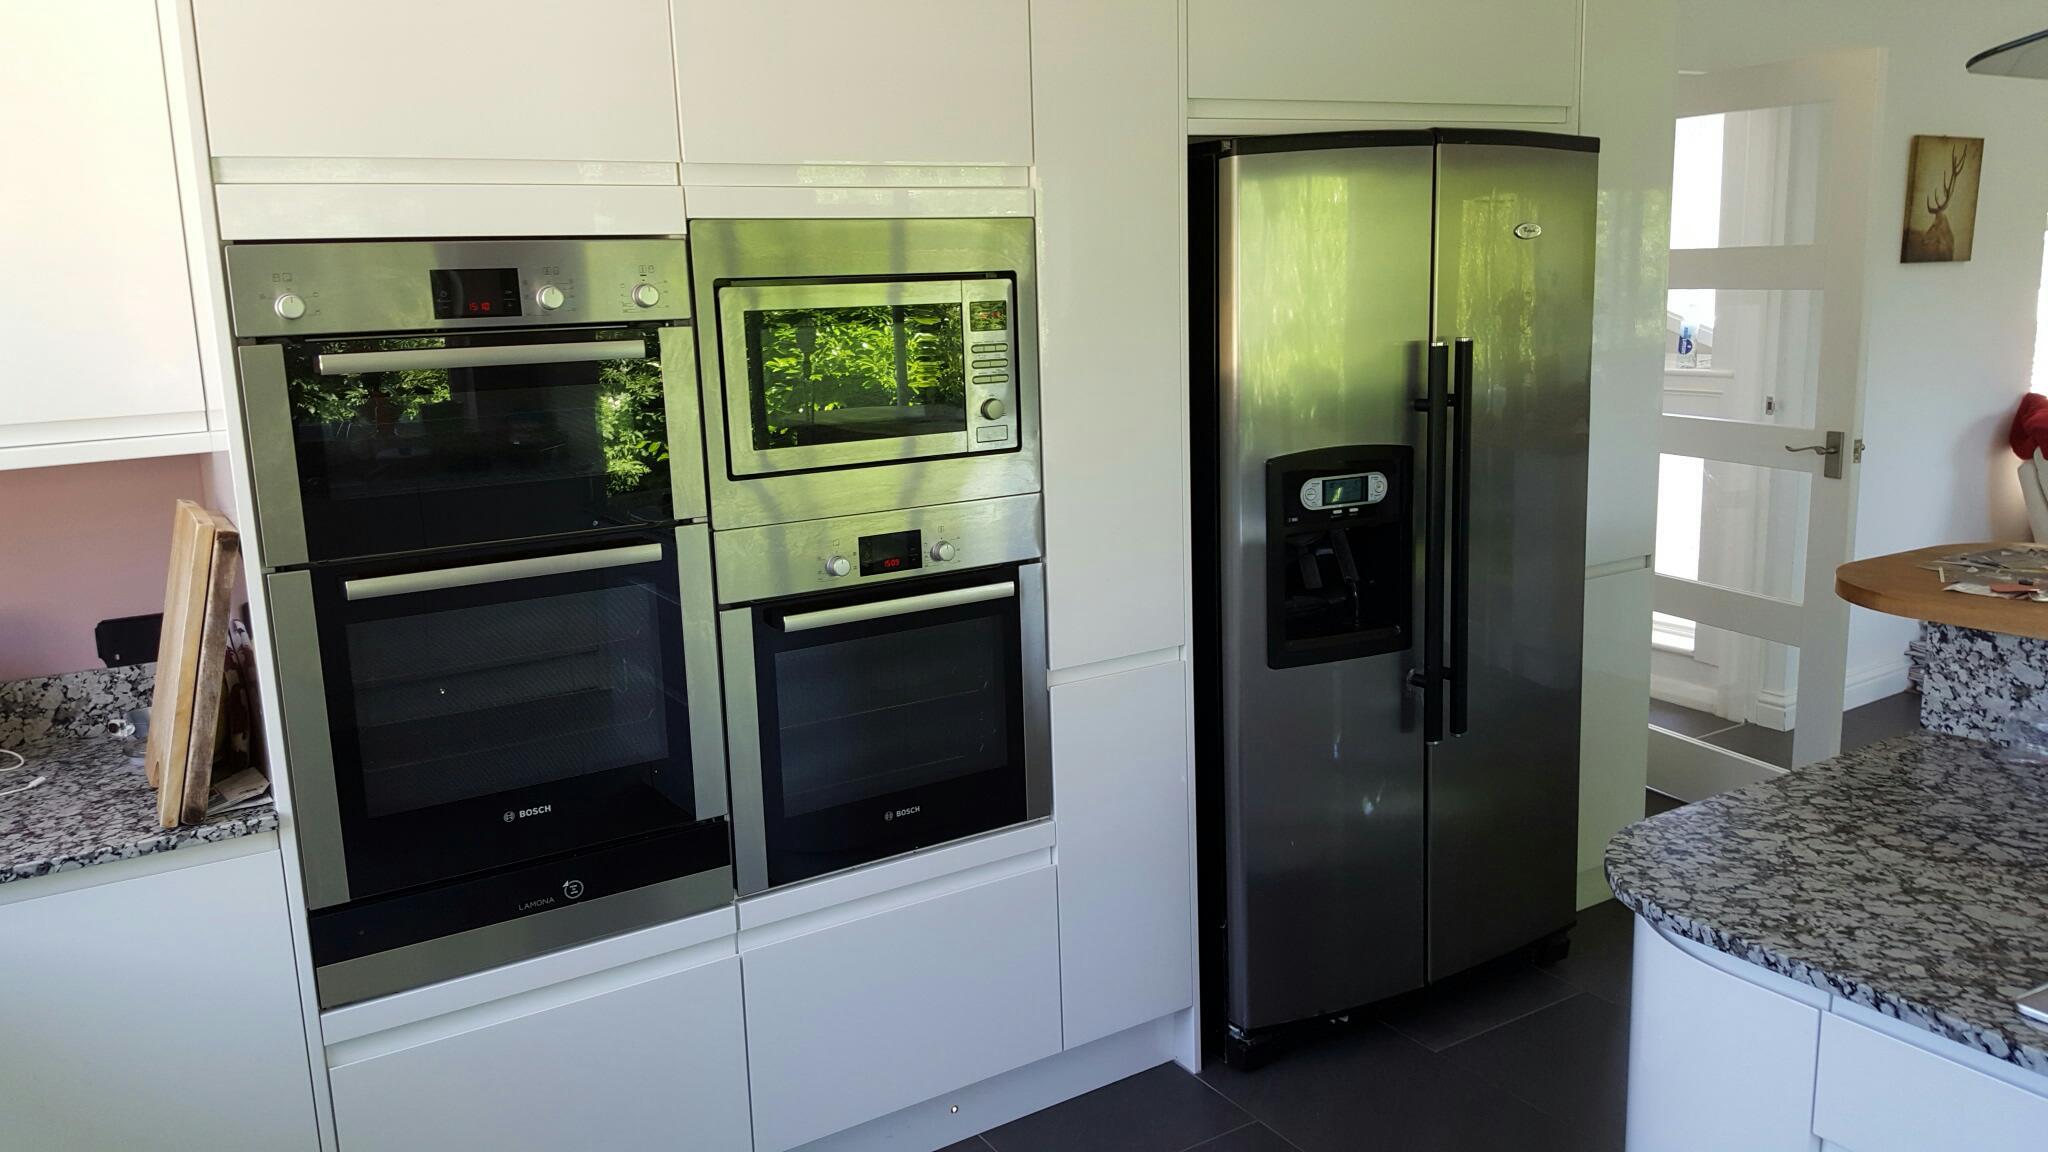 cosyhomeskitchens.co.uk kitchen fitters in devon